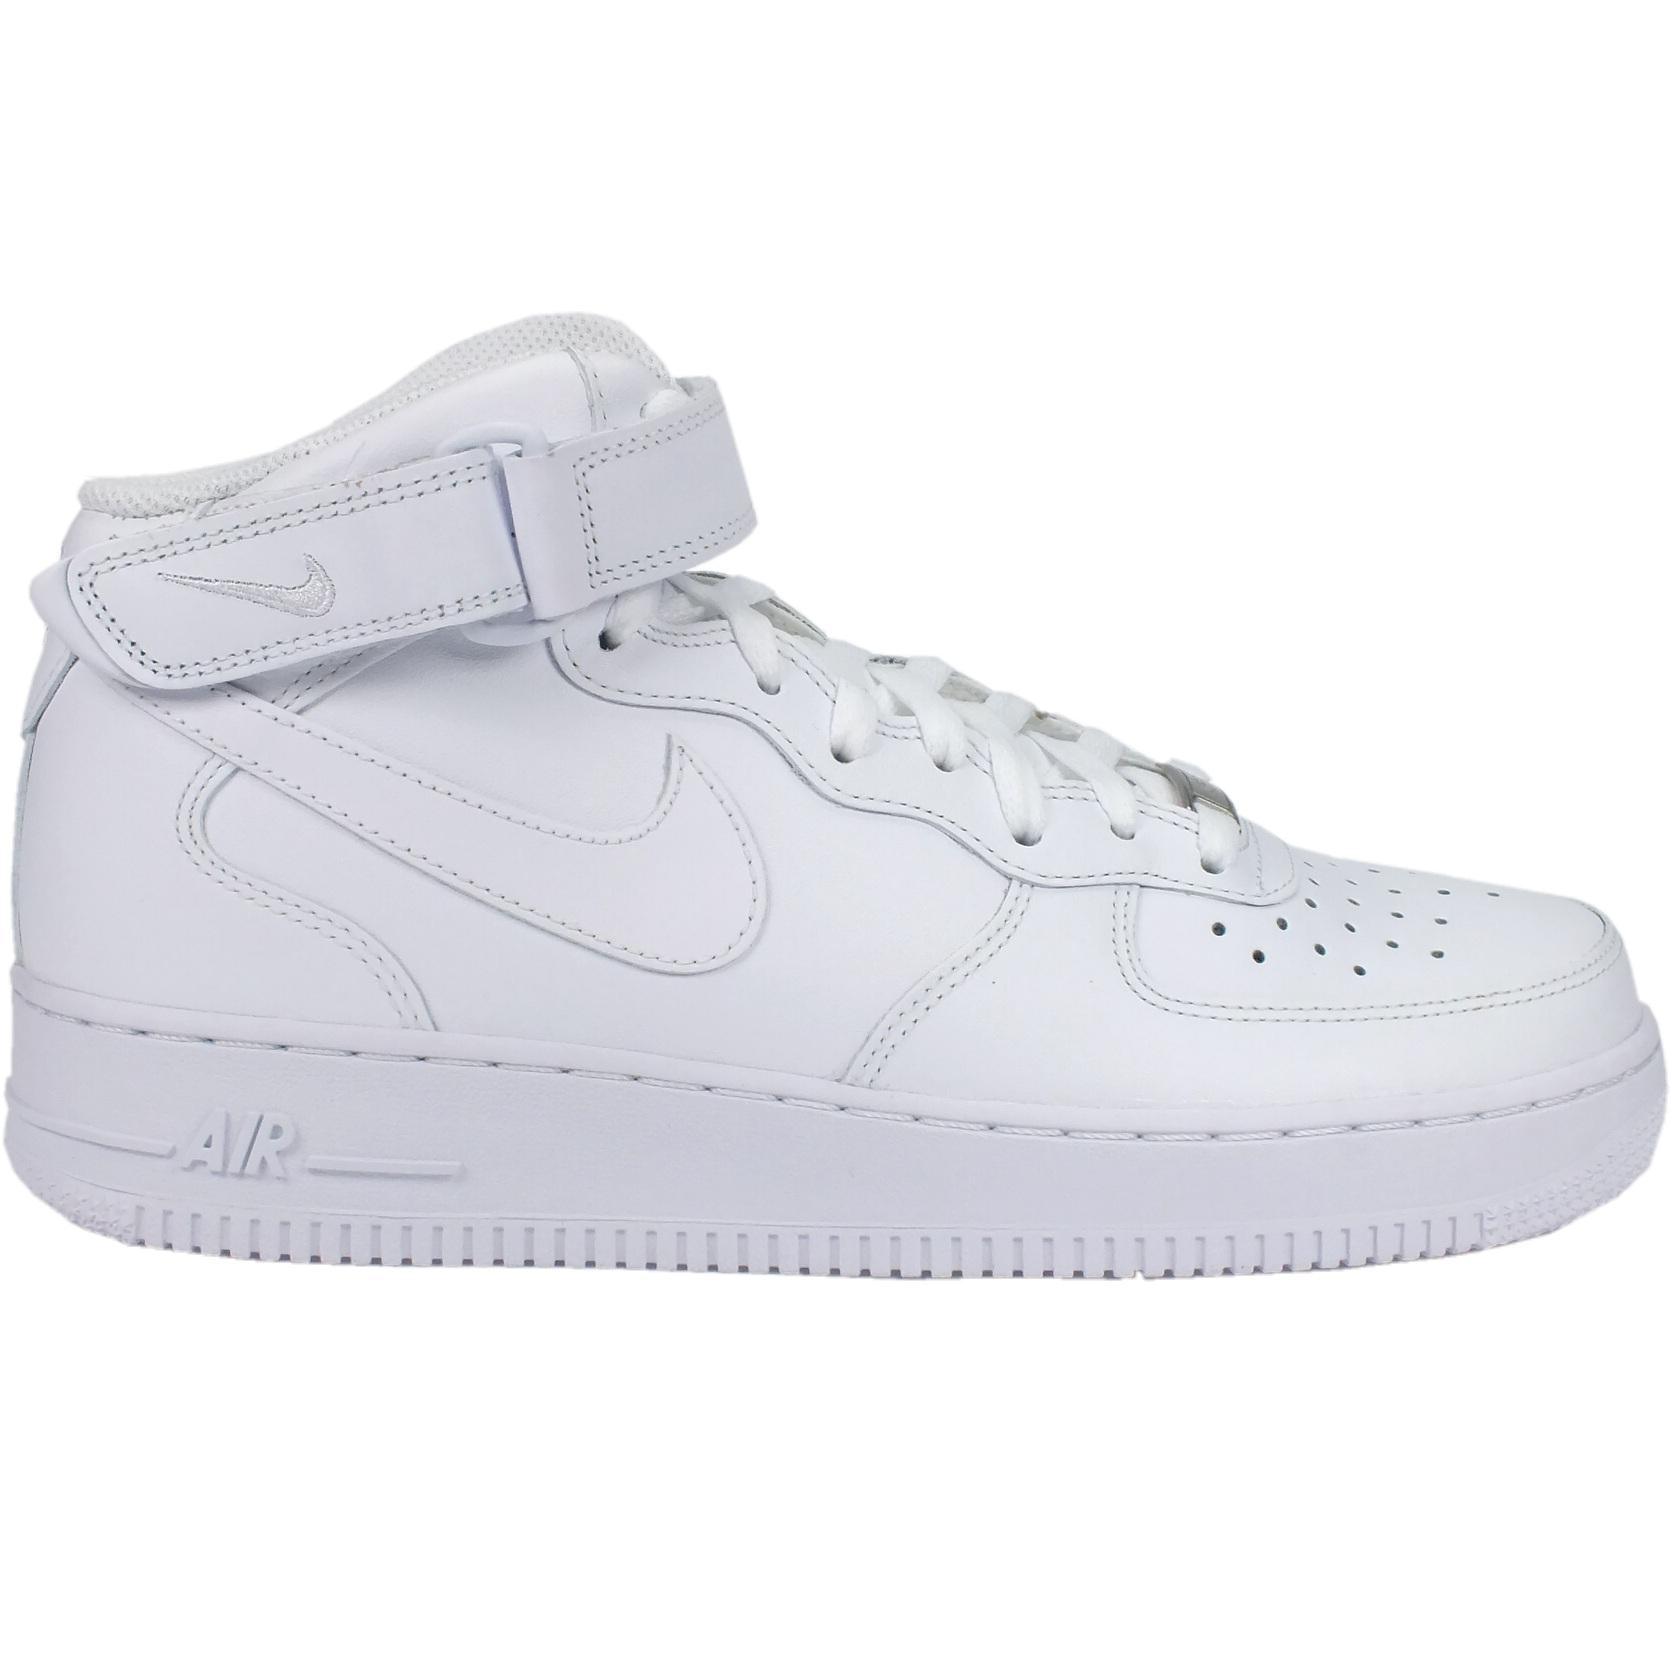 Détails sur Nike Air Force 1 MID 07 Chaussures Sneaker High top homme 315123 111 Blanc afficher le titre d'origine